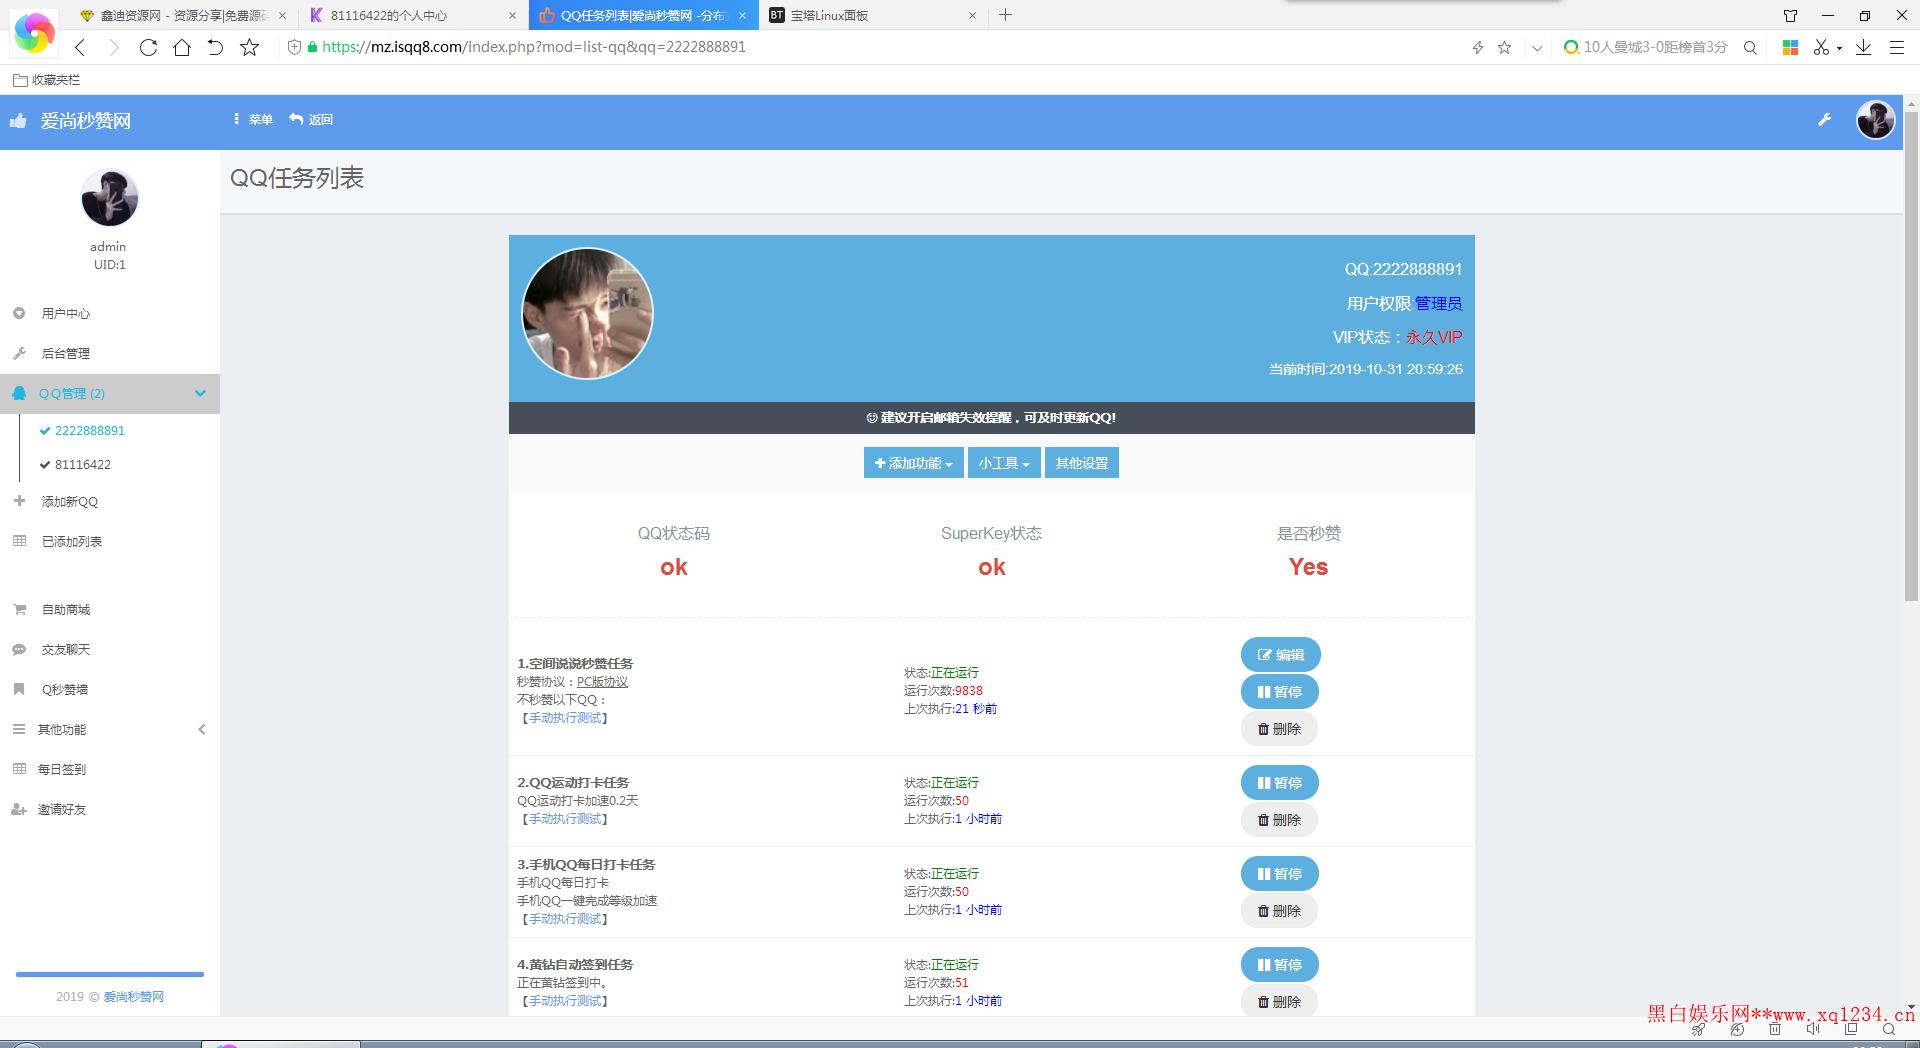 蓝点资源网-爱尚秒赞网自用模版 支持彩虹秒赞最新版程序